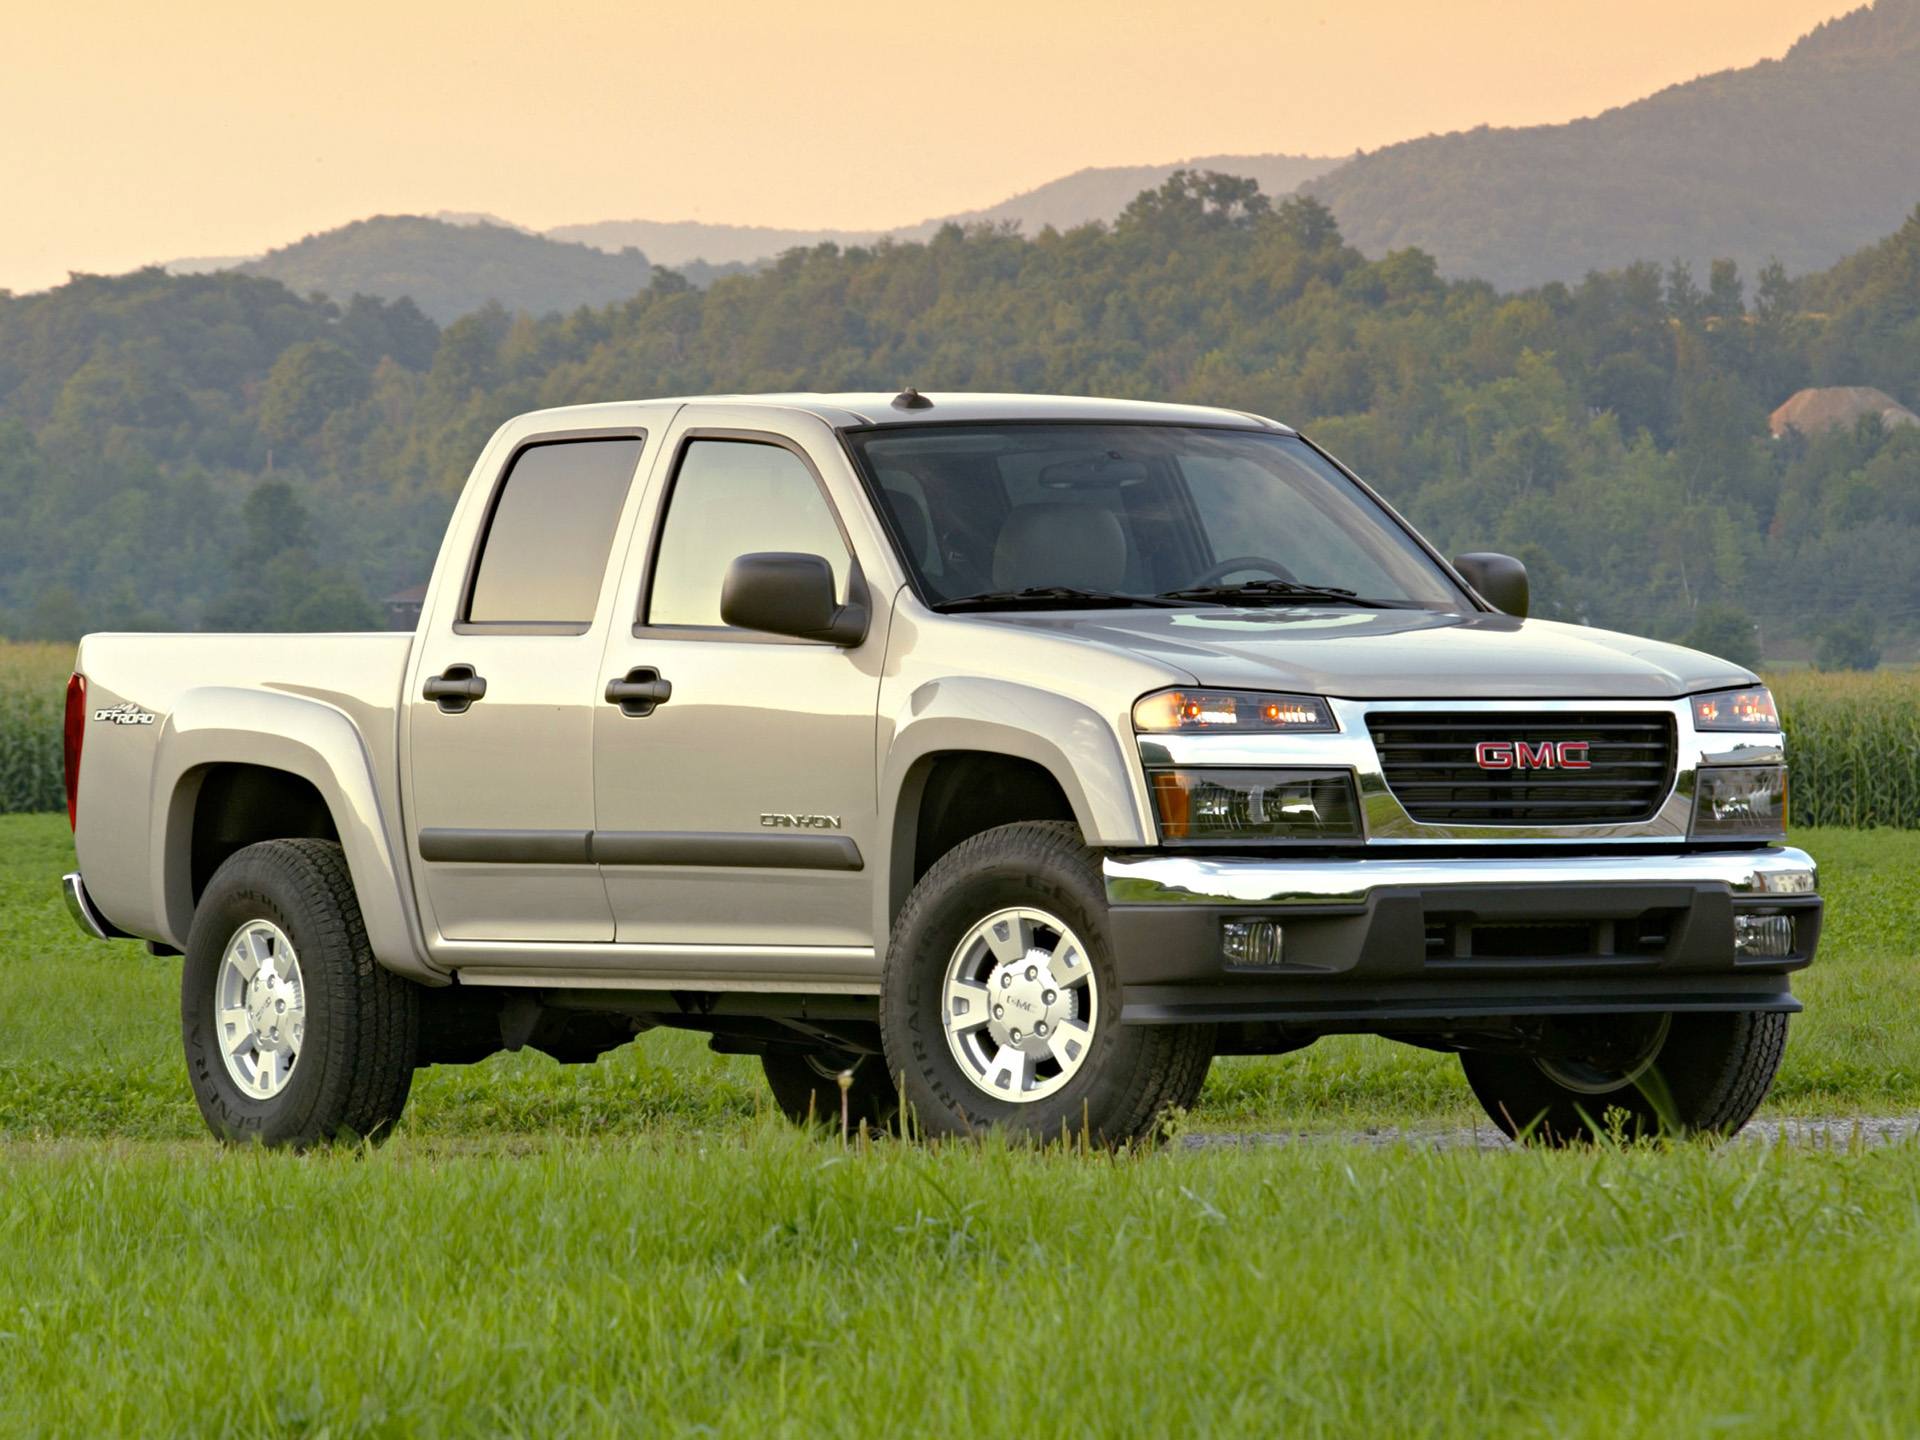 GMC Canyon Pickup Truck